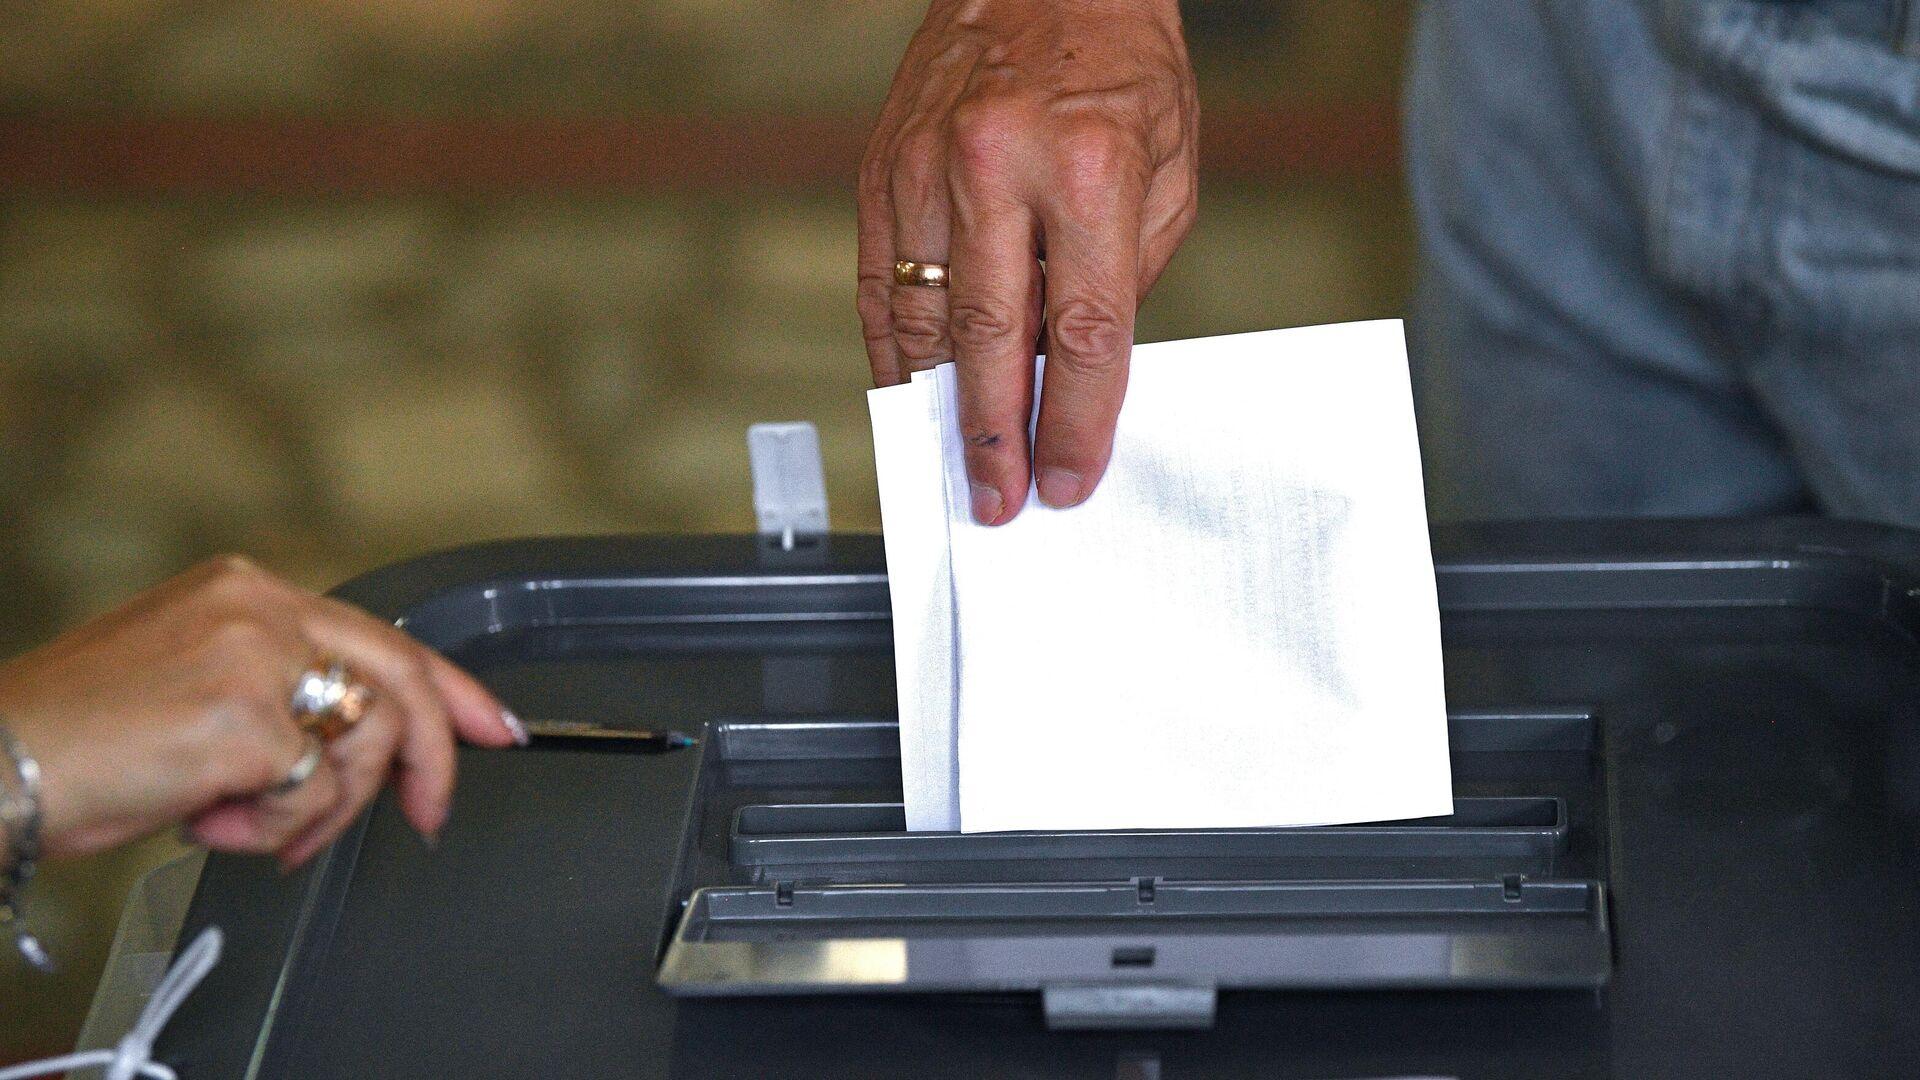 Мужчина голосует на избирательном участке в Кишиневе во время досрочных парламентских выборов в Молдавии - РИА Новости, 1920, 11.07.2021